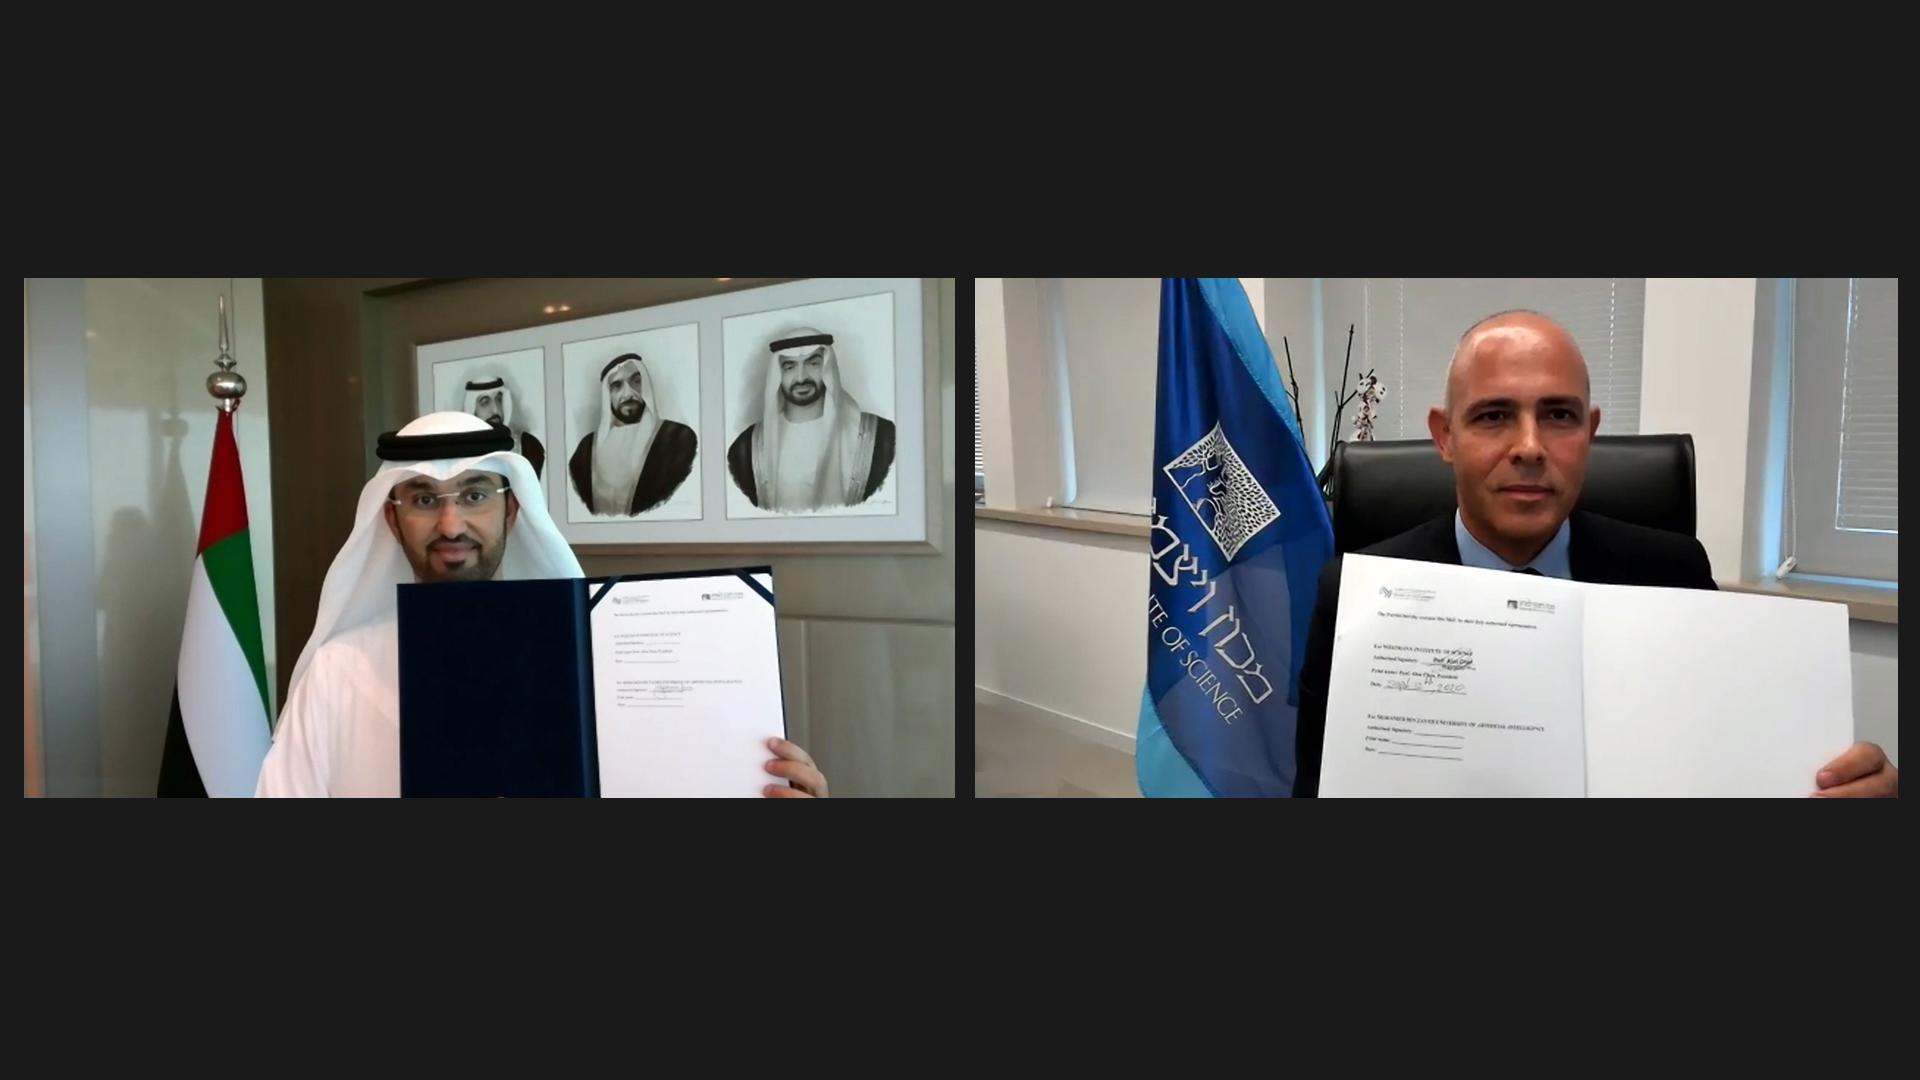 جامعة محمد بن زايد للذكاء الاصطناعي توقع مذكرة تفاهم مع معهد وايزمان للعلوم للتعاون في أبحاث الذكاء الاصطناعي